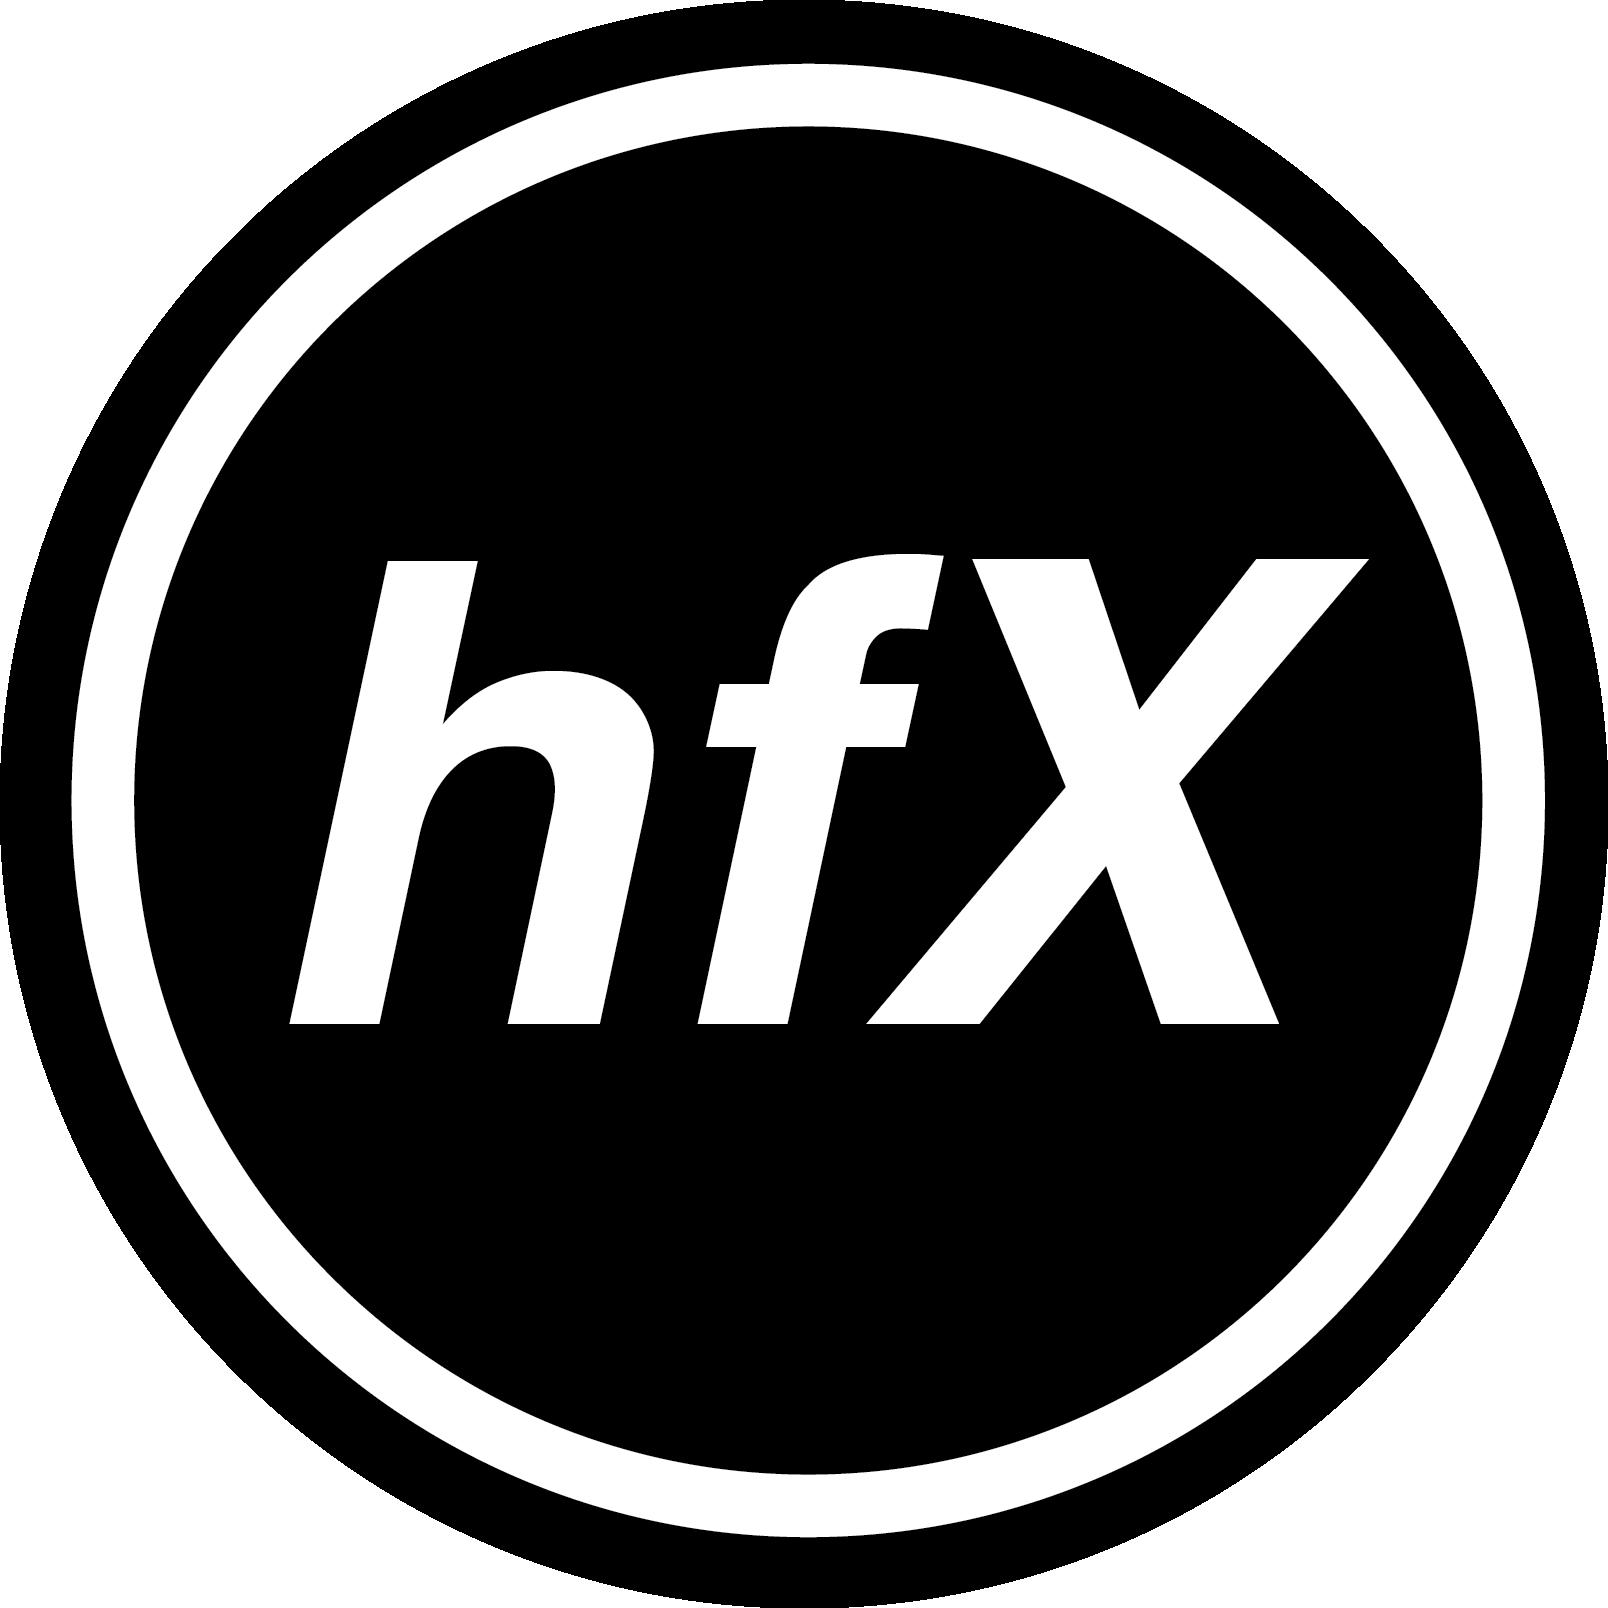 heedfestX_logo_circle.png